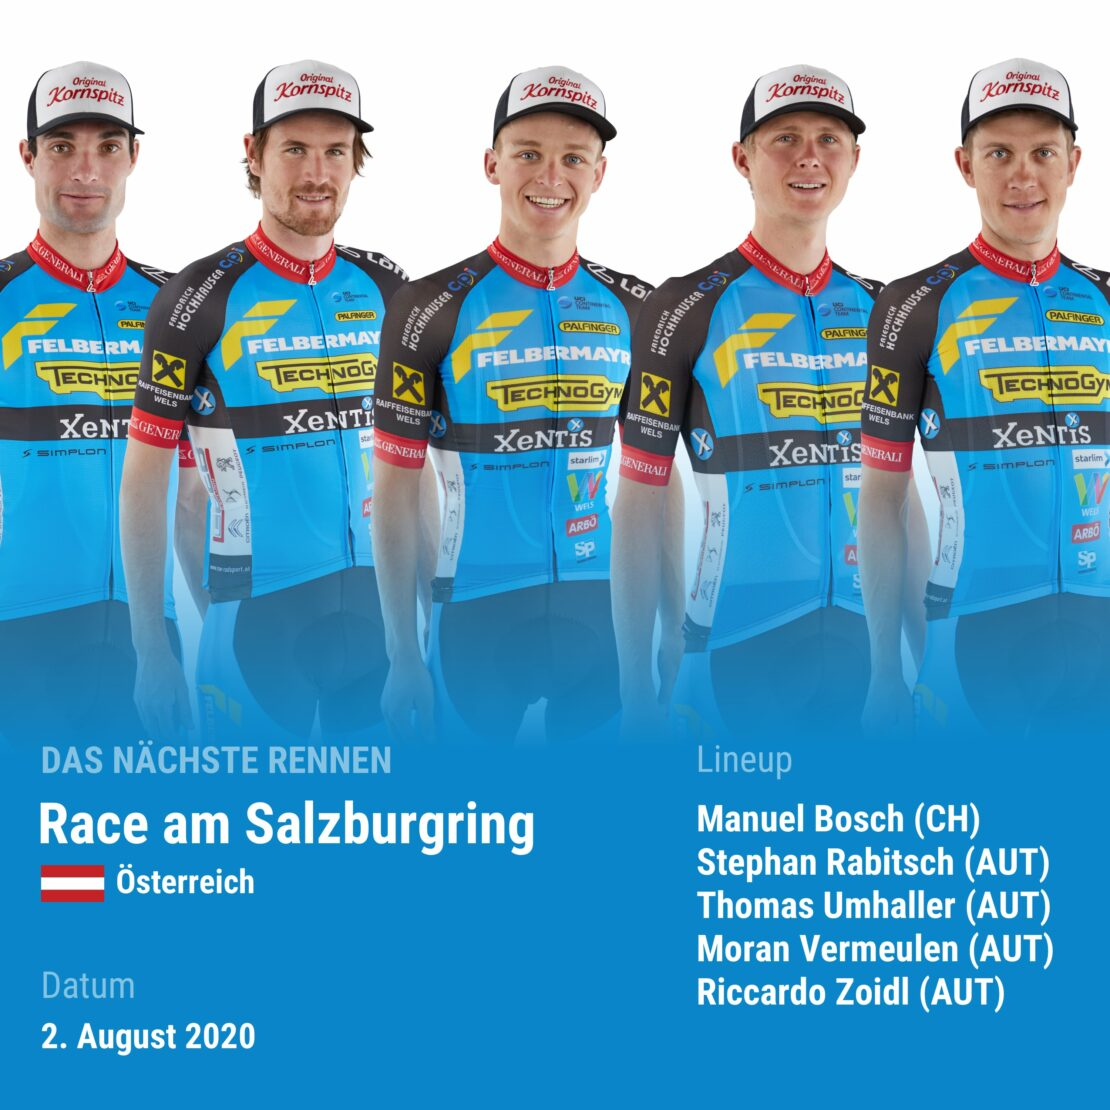 Race am Salzburgring